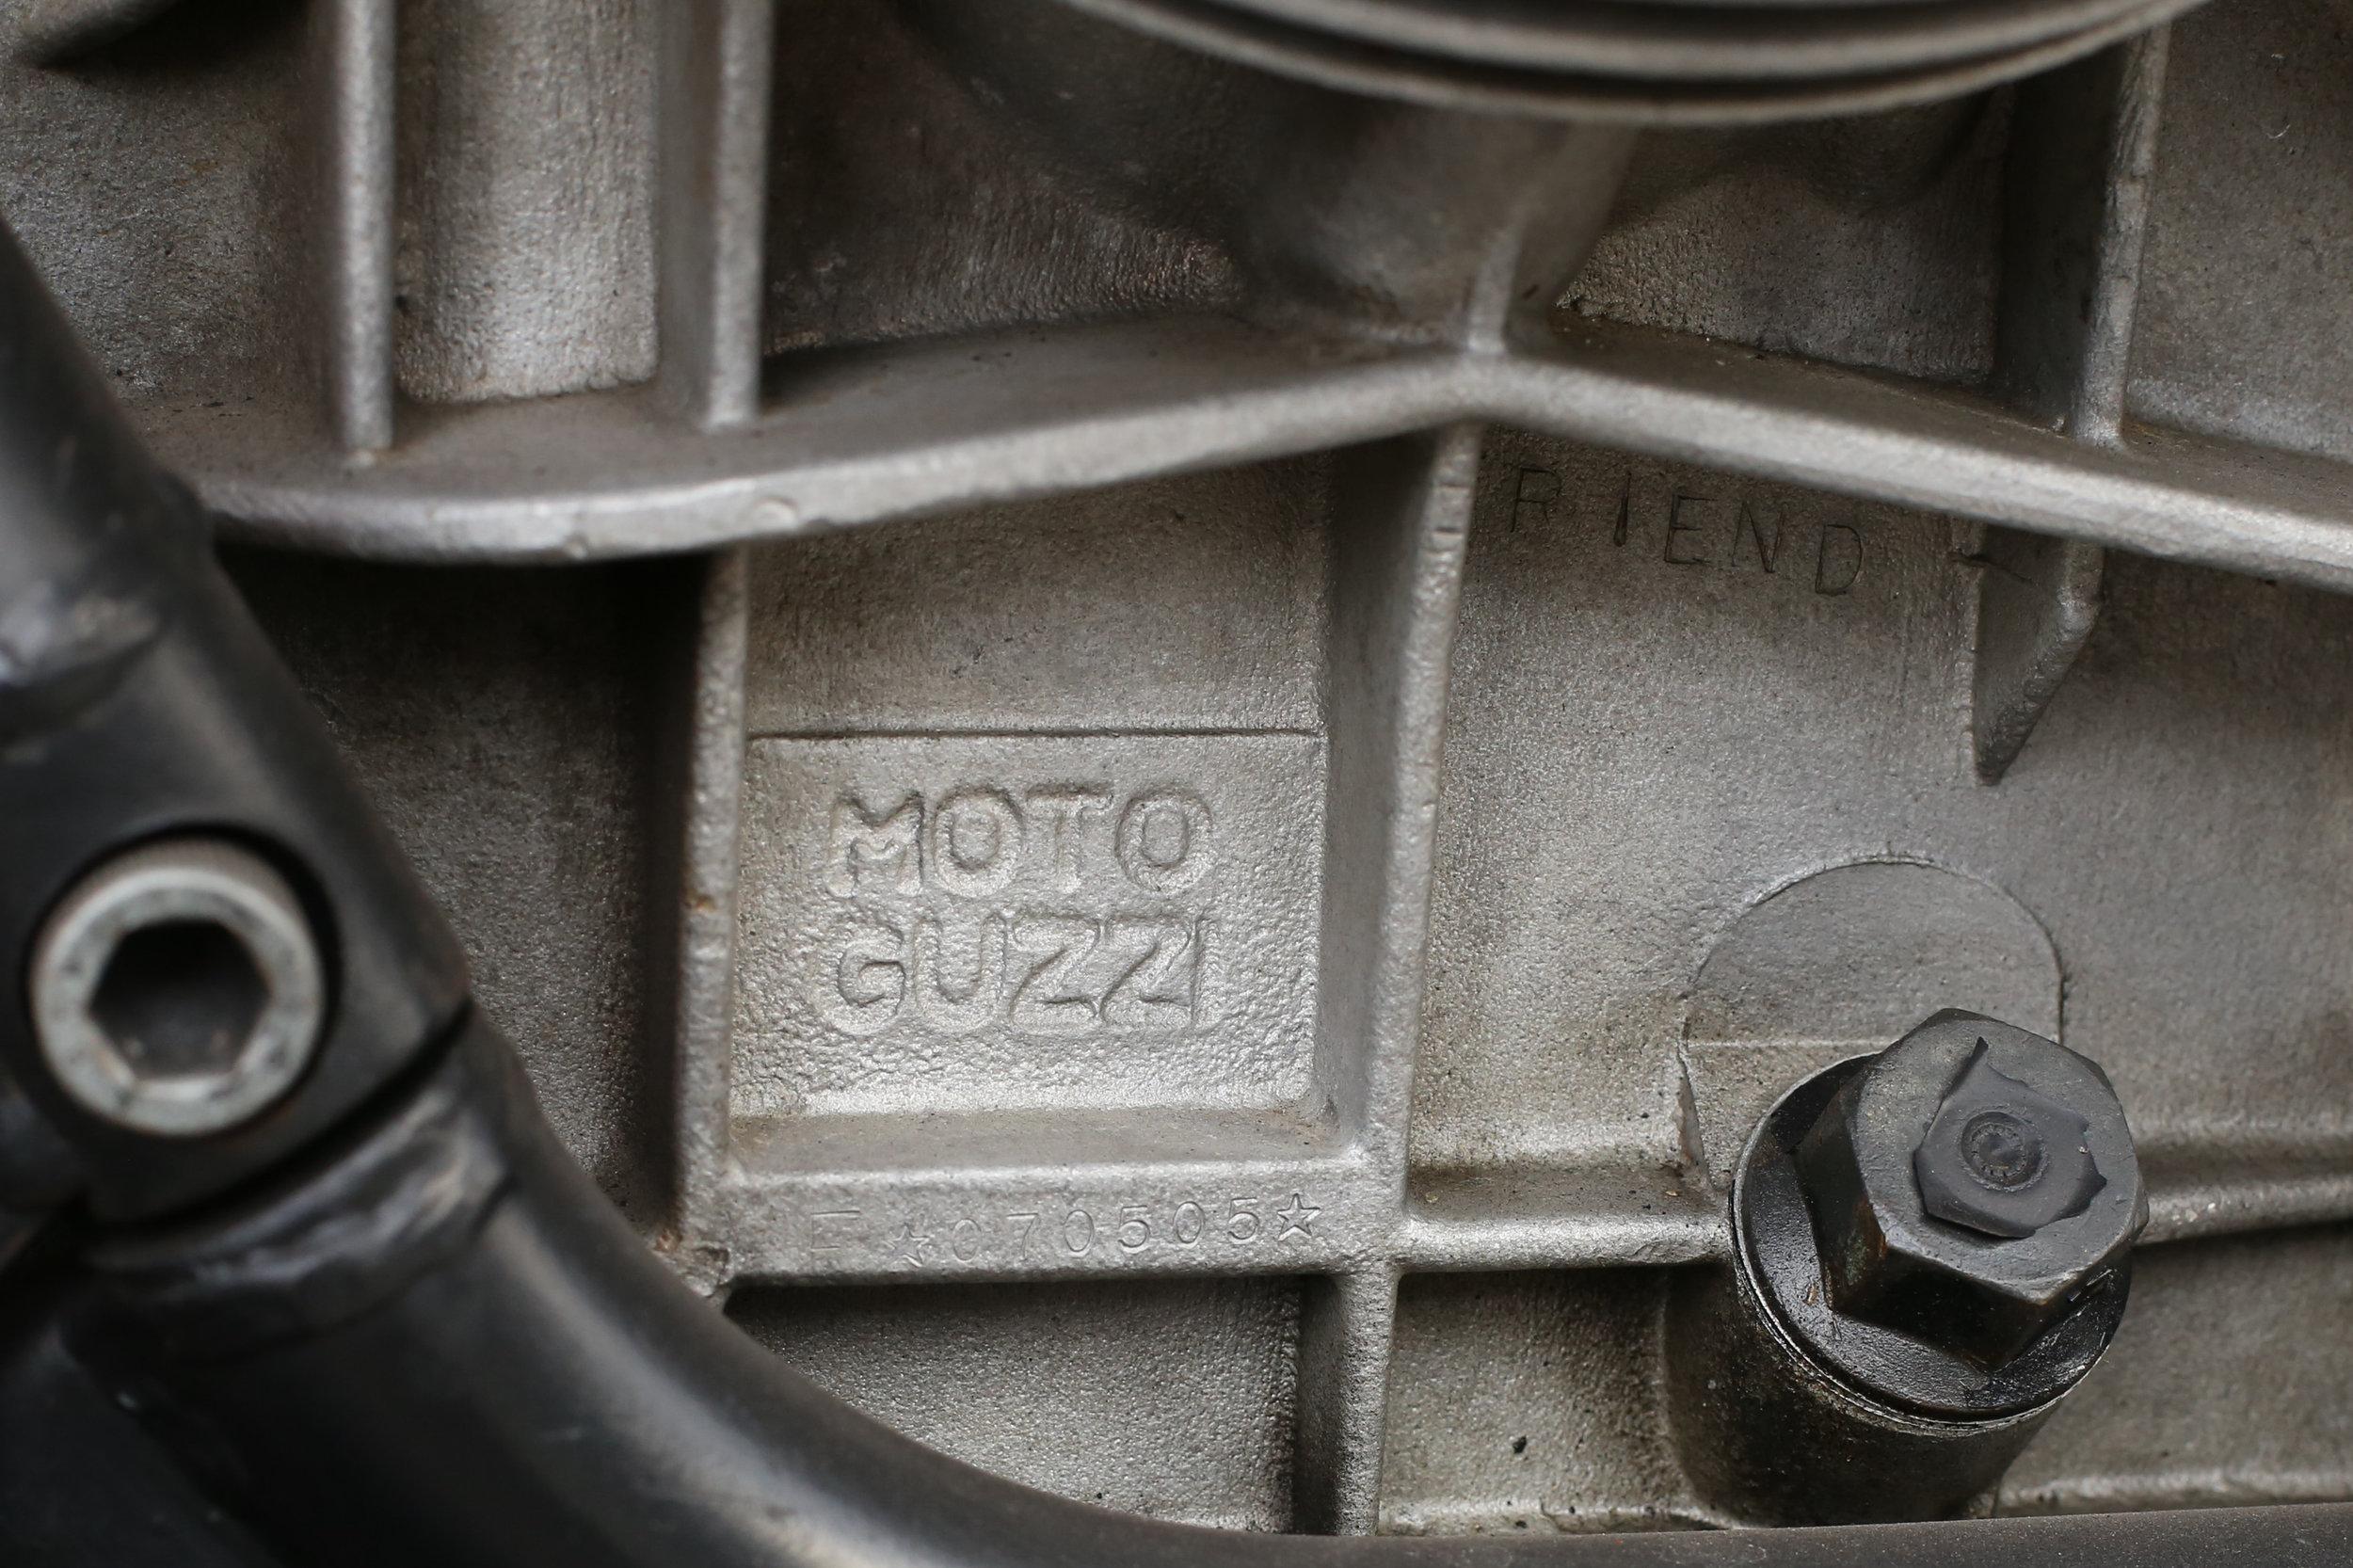 1976 Moto Guzzi Le mans 1 vin